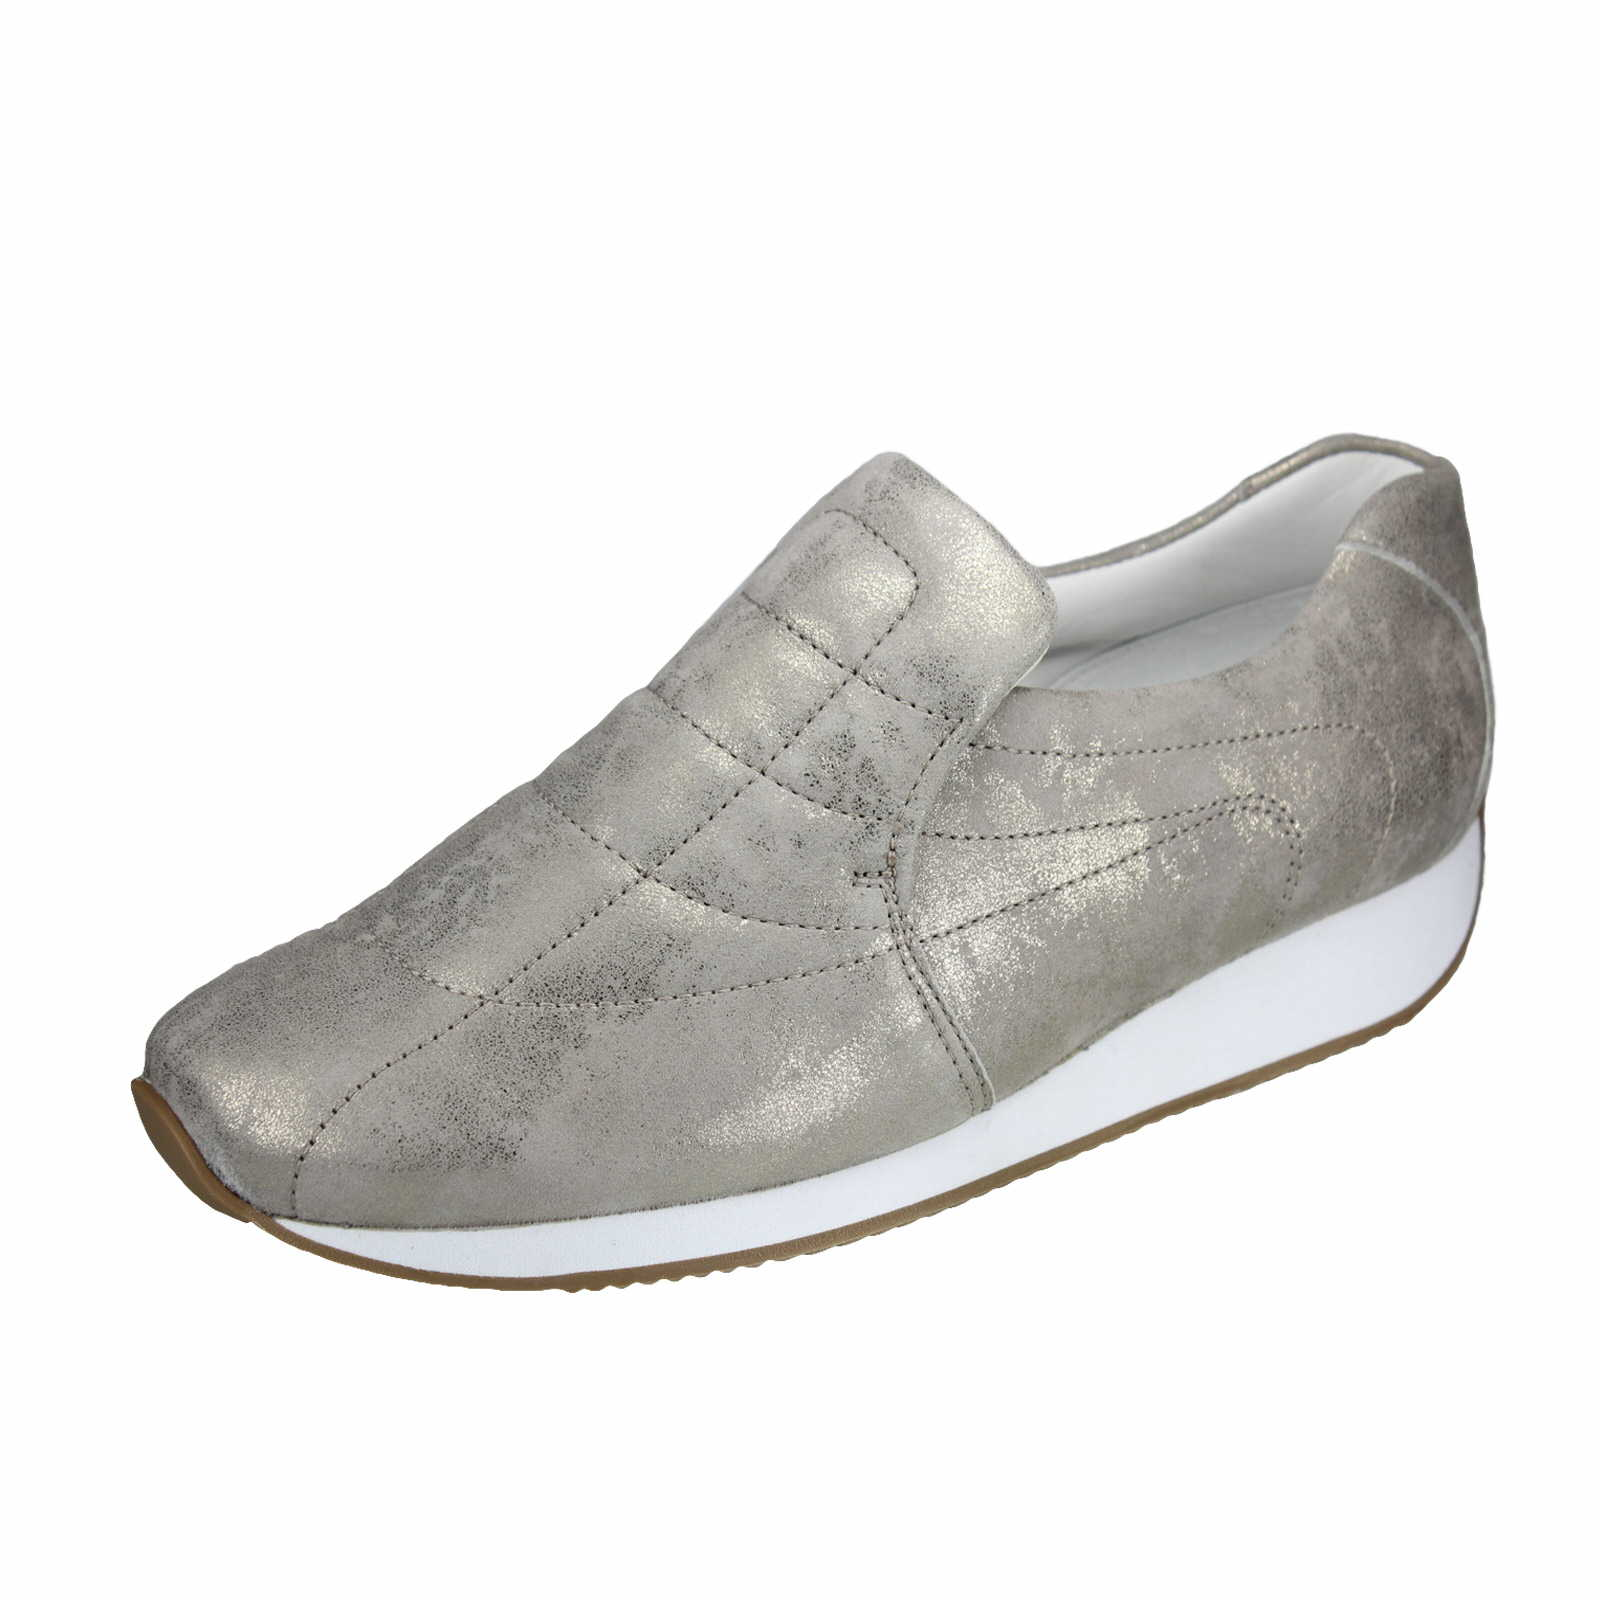 Damen Sneaker Gil chiara - Gil 12-42602-99